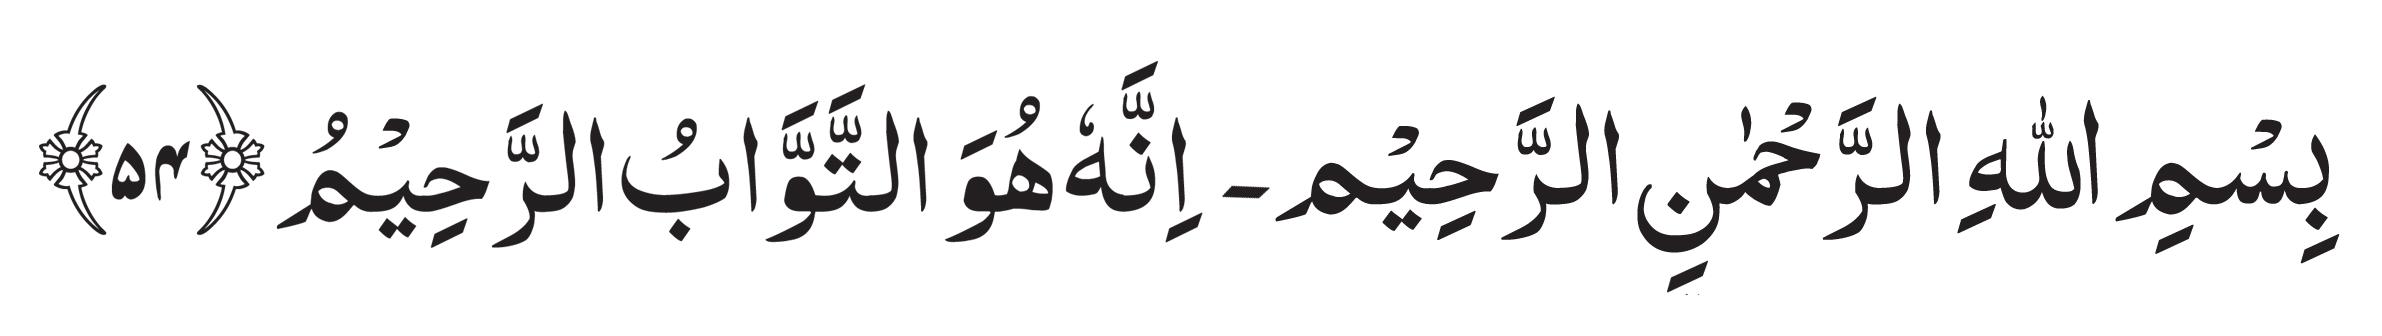 surah-baqarah-ayat-54